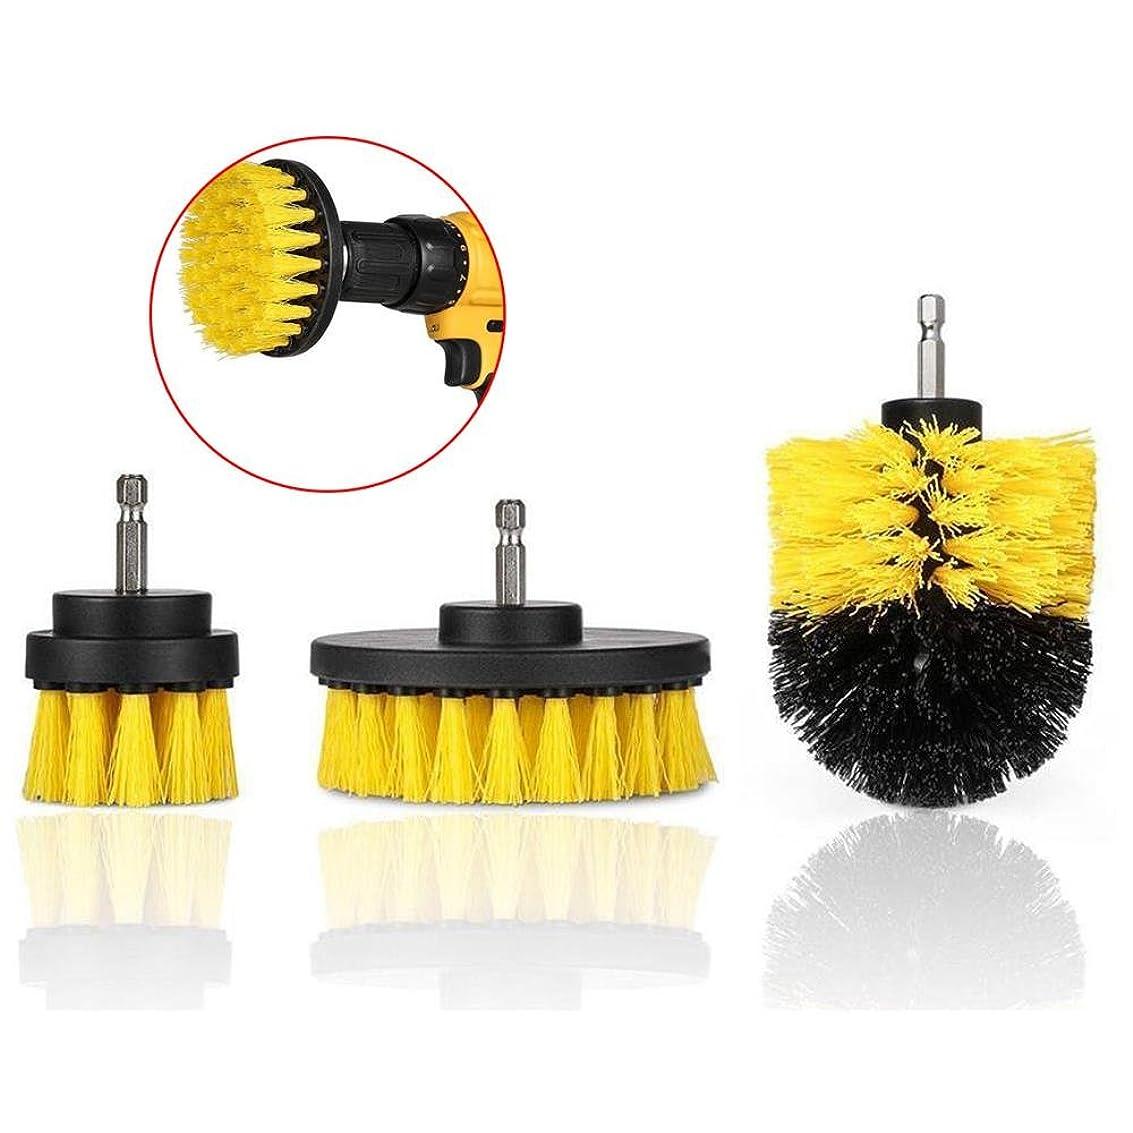 人物永久隠されたWchaoen 3本2 / 3.5 / 4インチイエロー電動ドリルブラシタイルグラウトパワースクラバー浴槽クリーニングブラシ ハードウェア部品